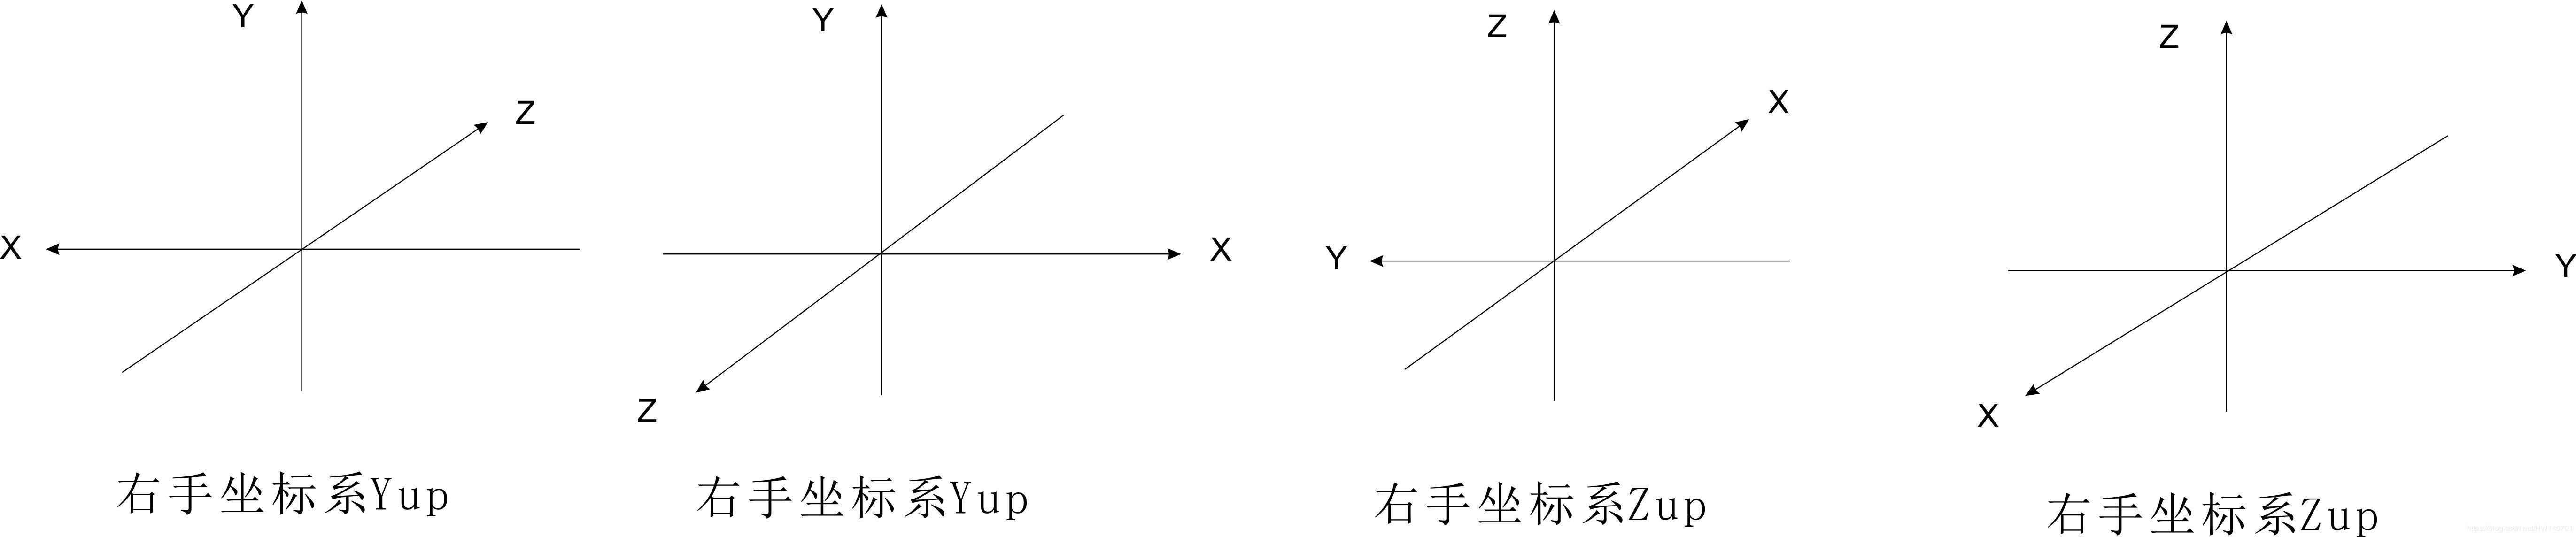 左手坐标系与右手坐标系-StubbornHuang Blog